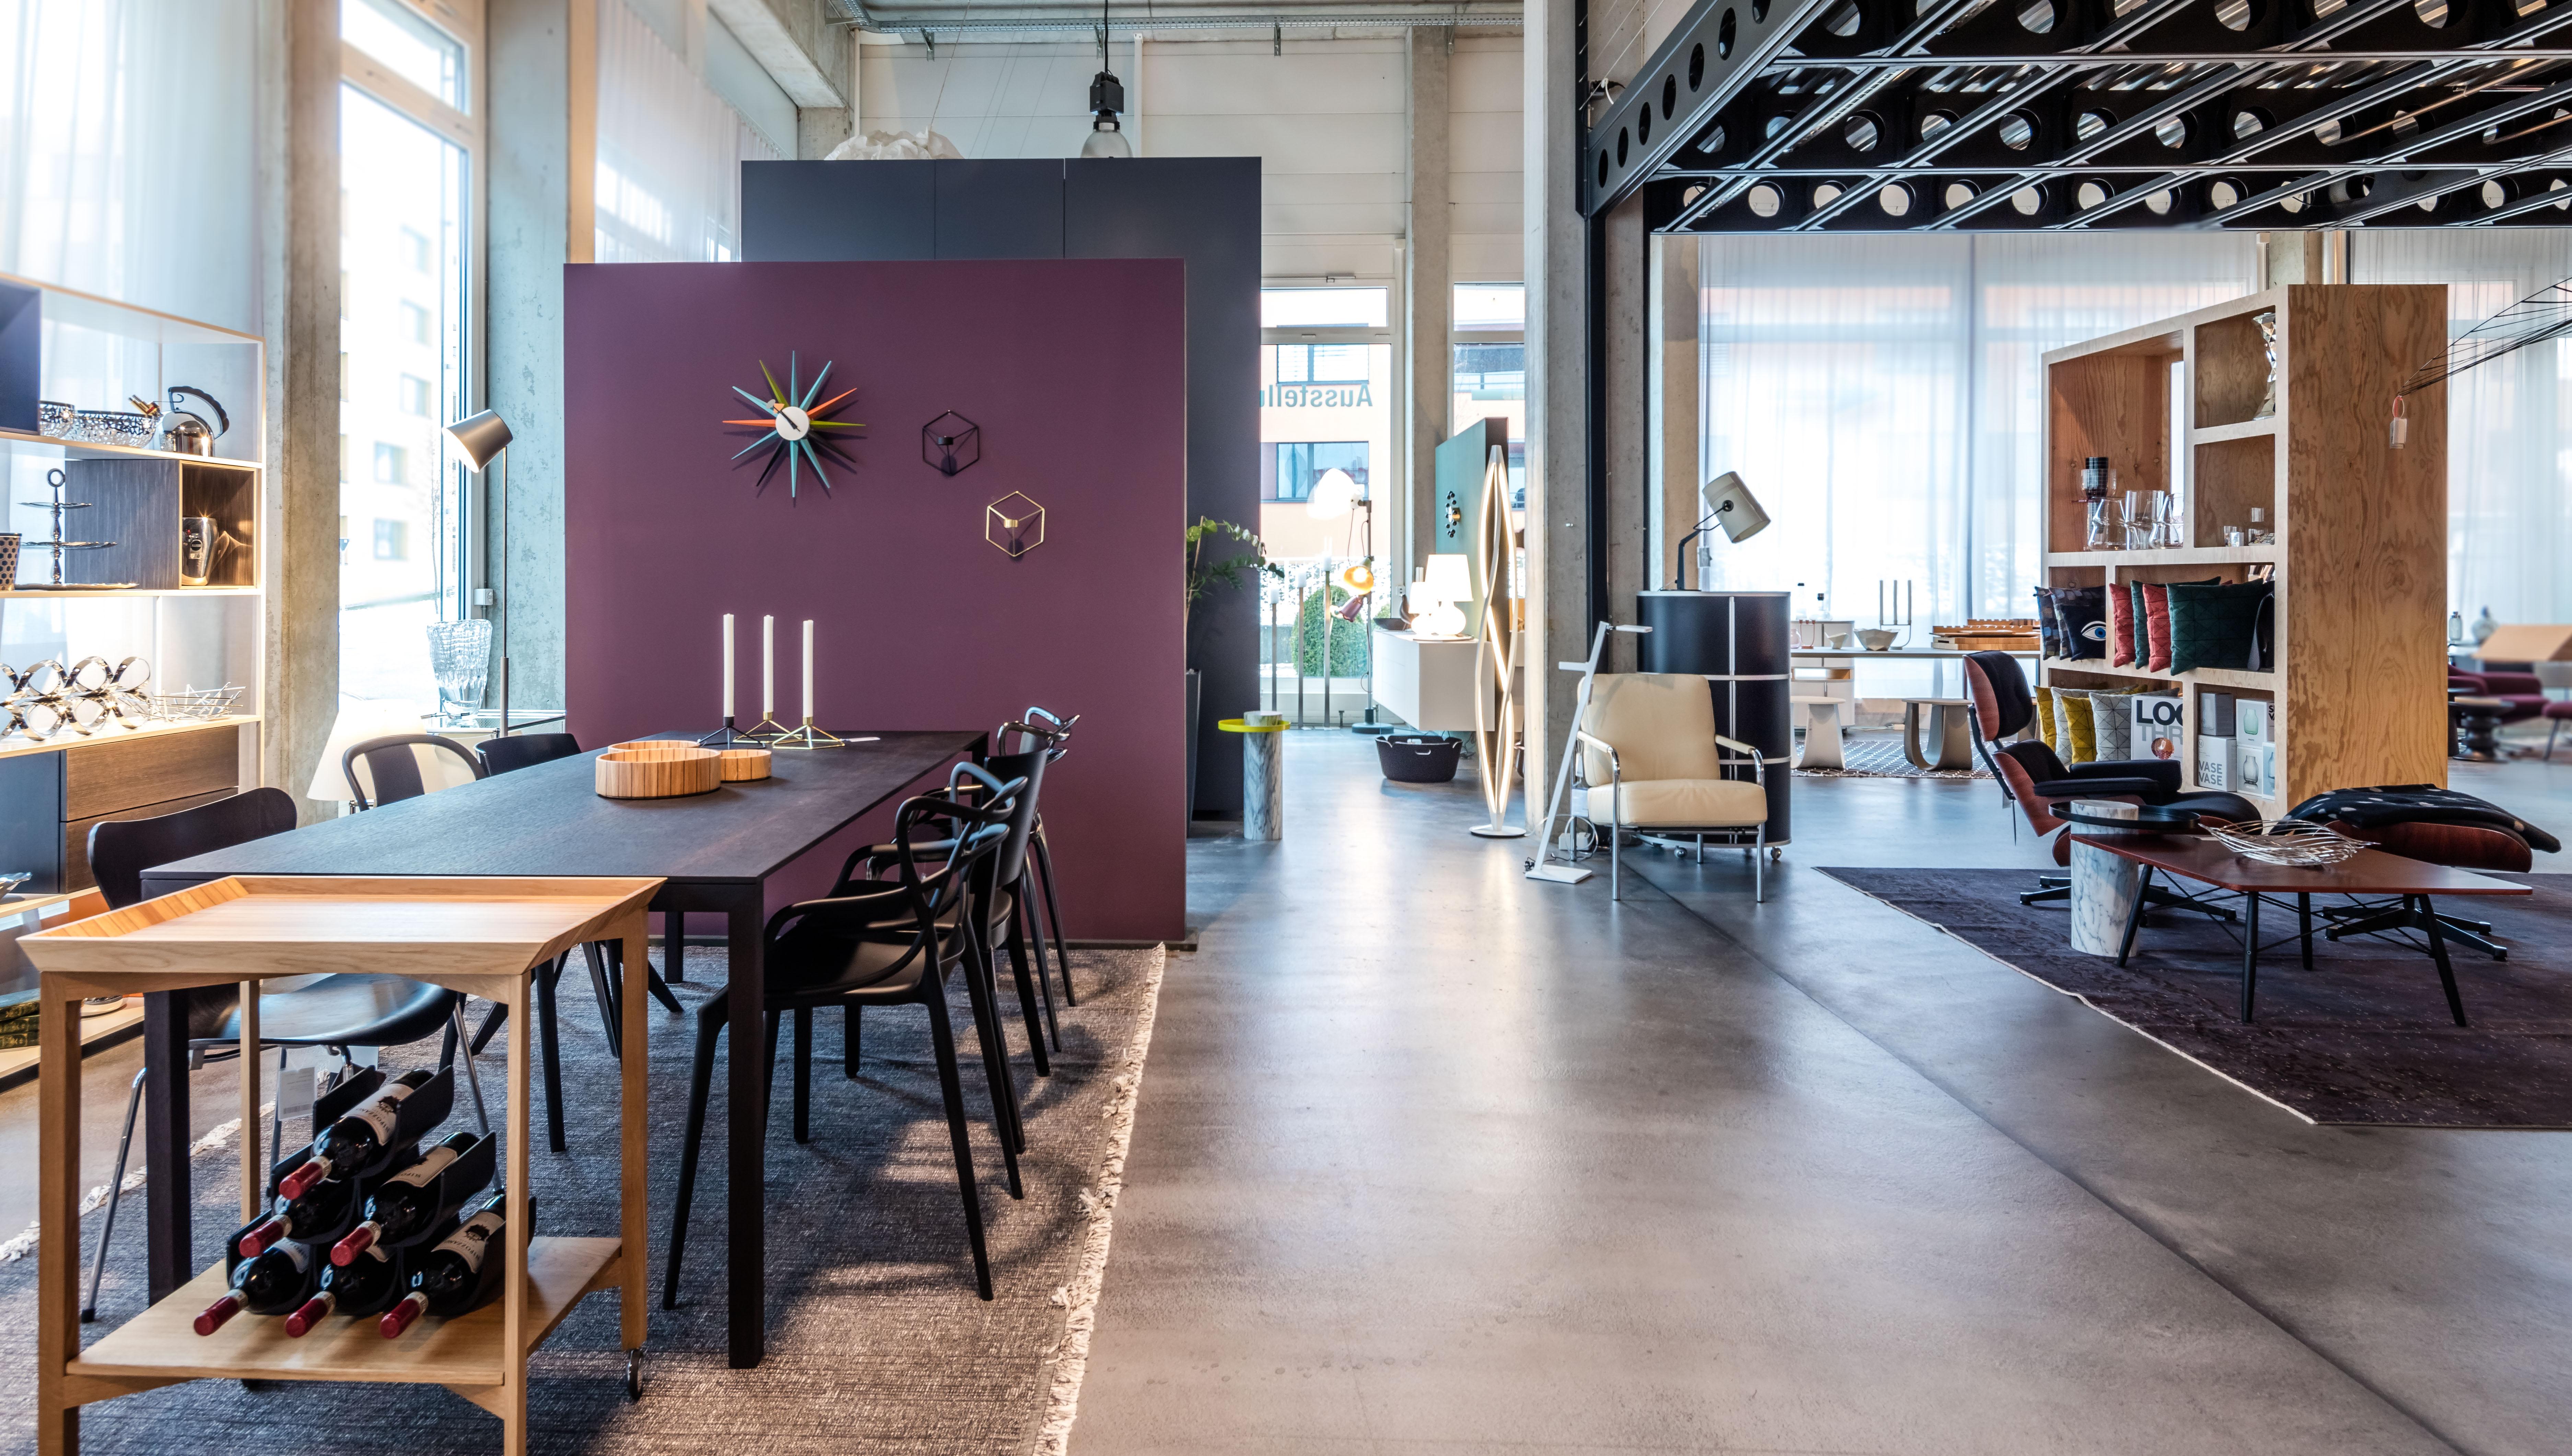 neuer einrichtungs showroom f r designm bel auf ber 2 000m2 bruno wickart blog. Black Bedroom Furniture Sets. Home Design Ideas